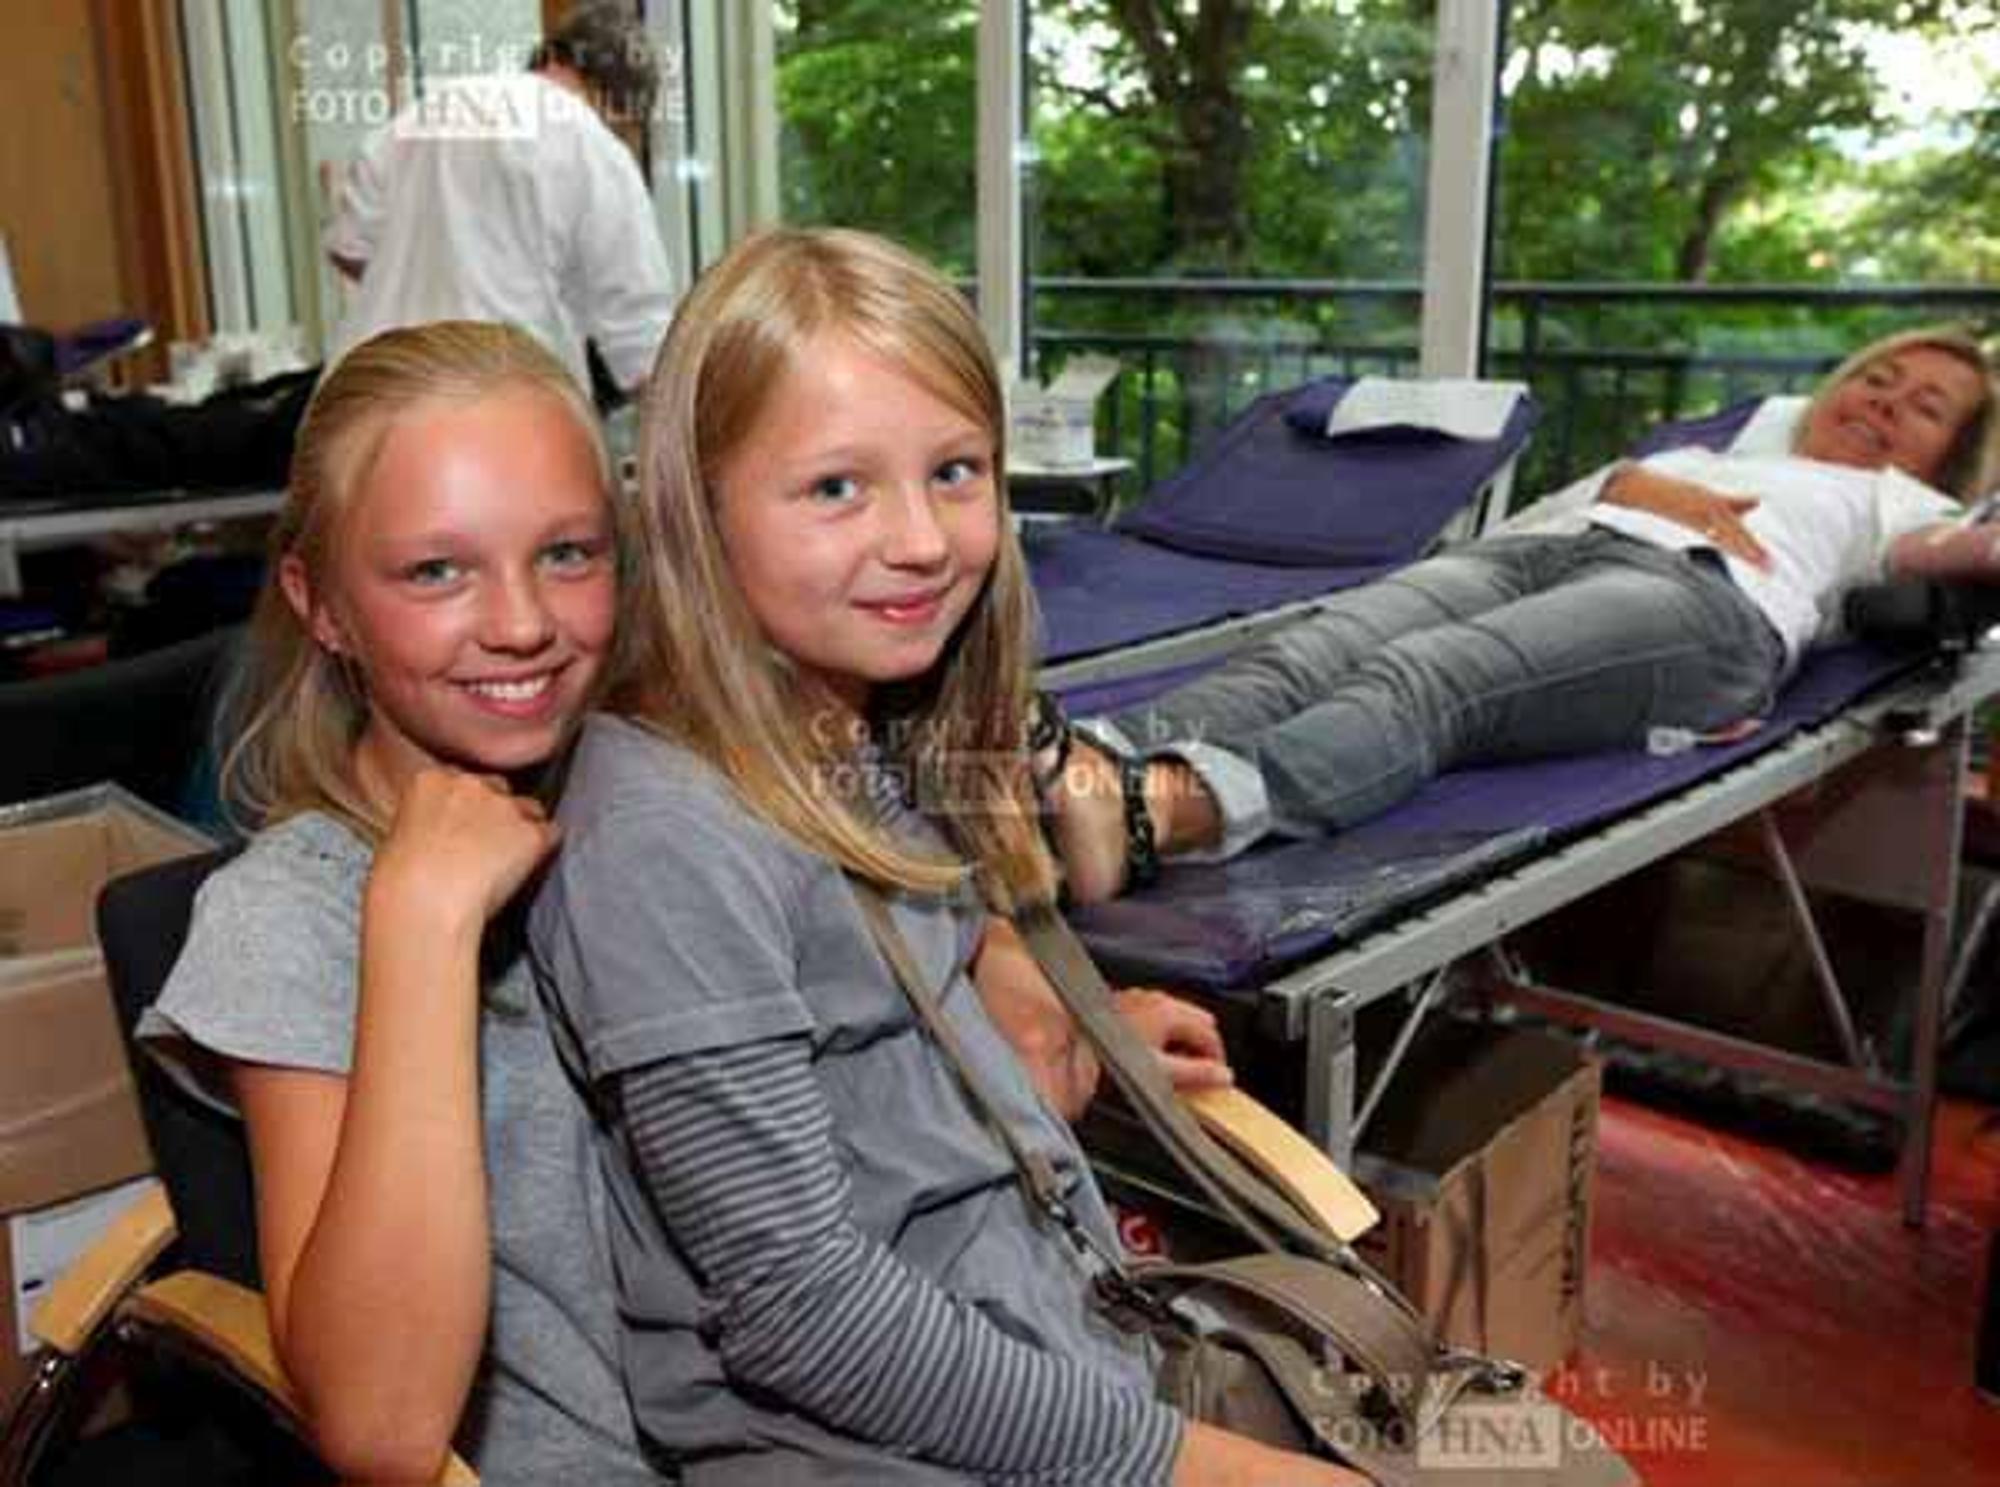 Große Blutspendeaktion bei HNA-Aktion in Kassel geht weiter - bisher ...